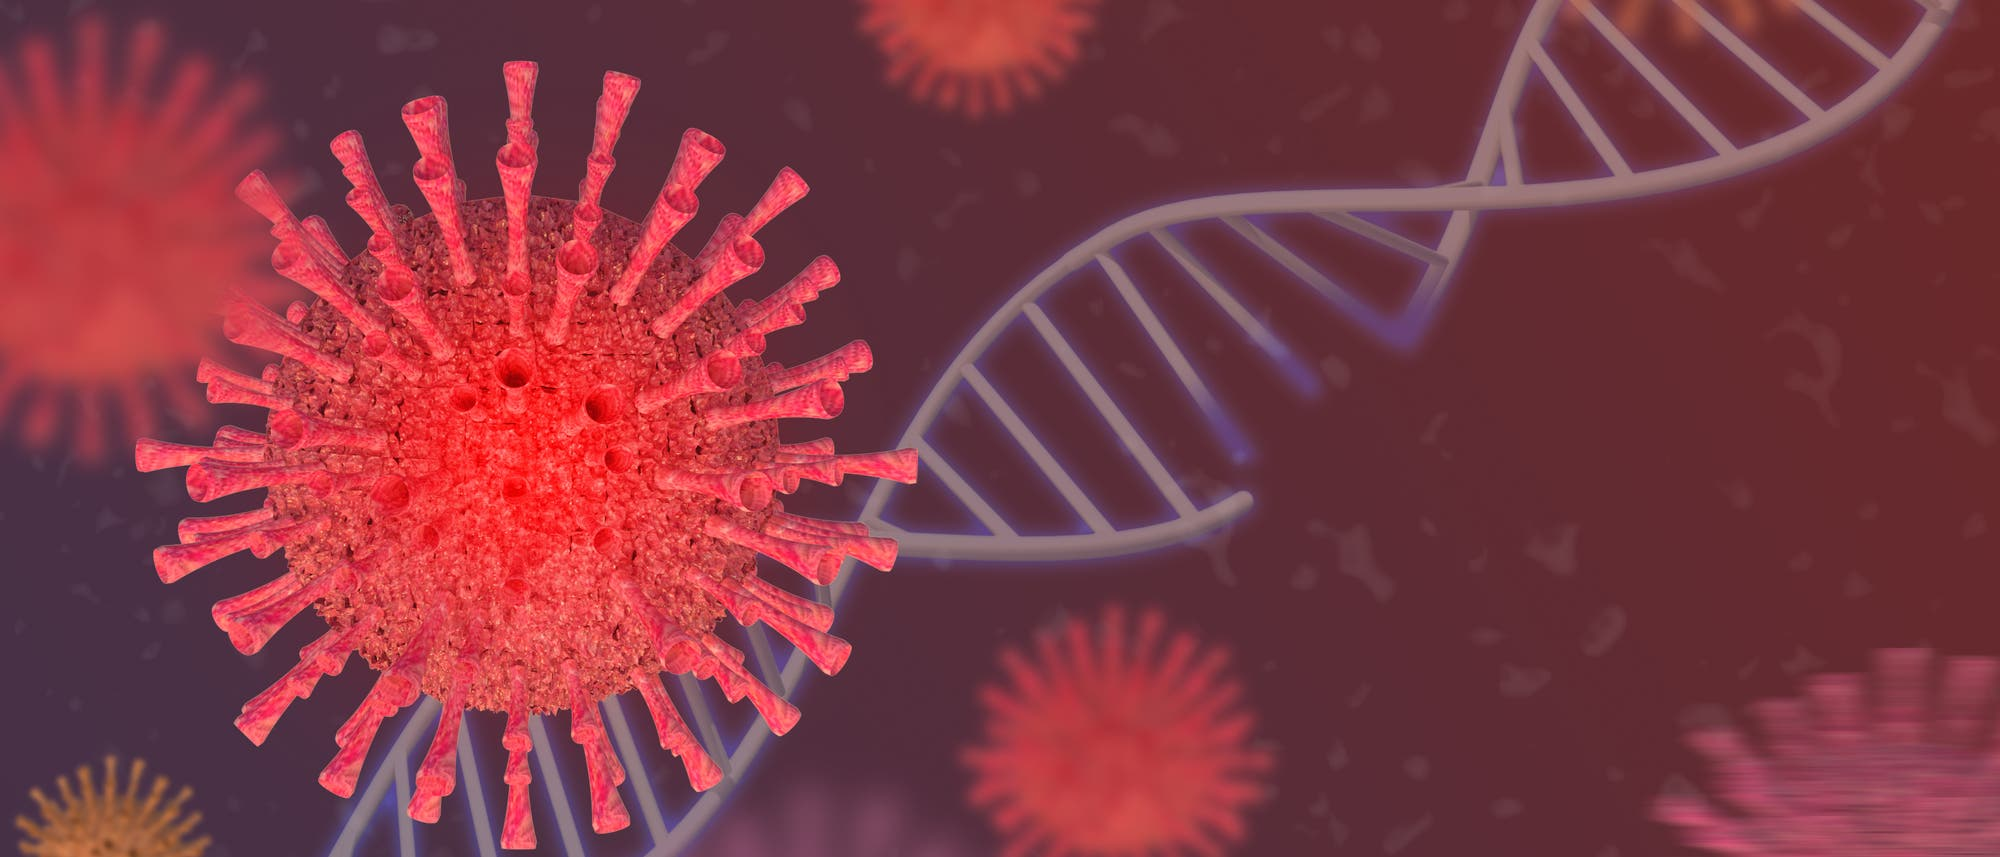 Die Computeranimation zeigt einen Erreger, der dem Coronavirus ähnelt.